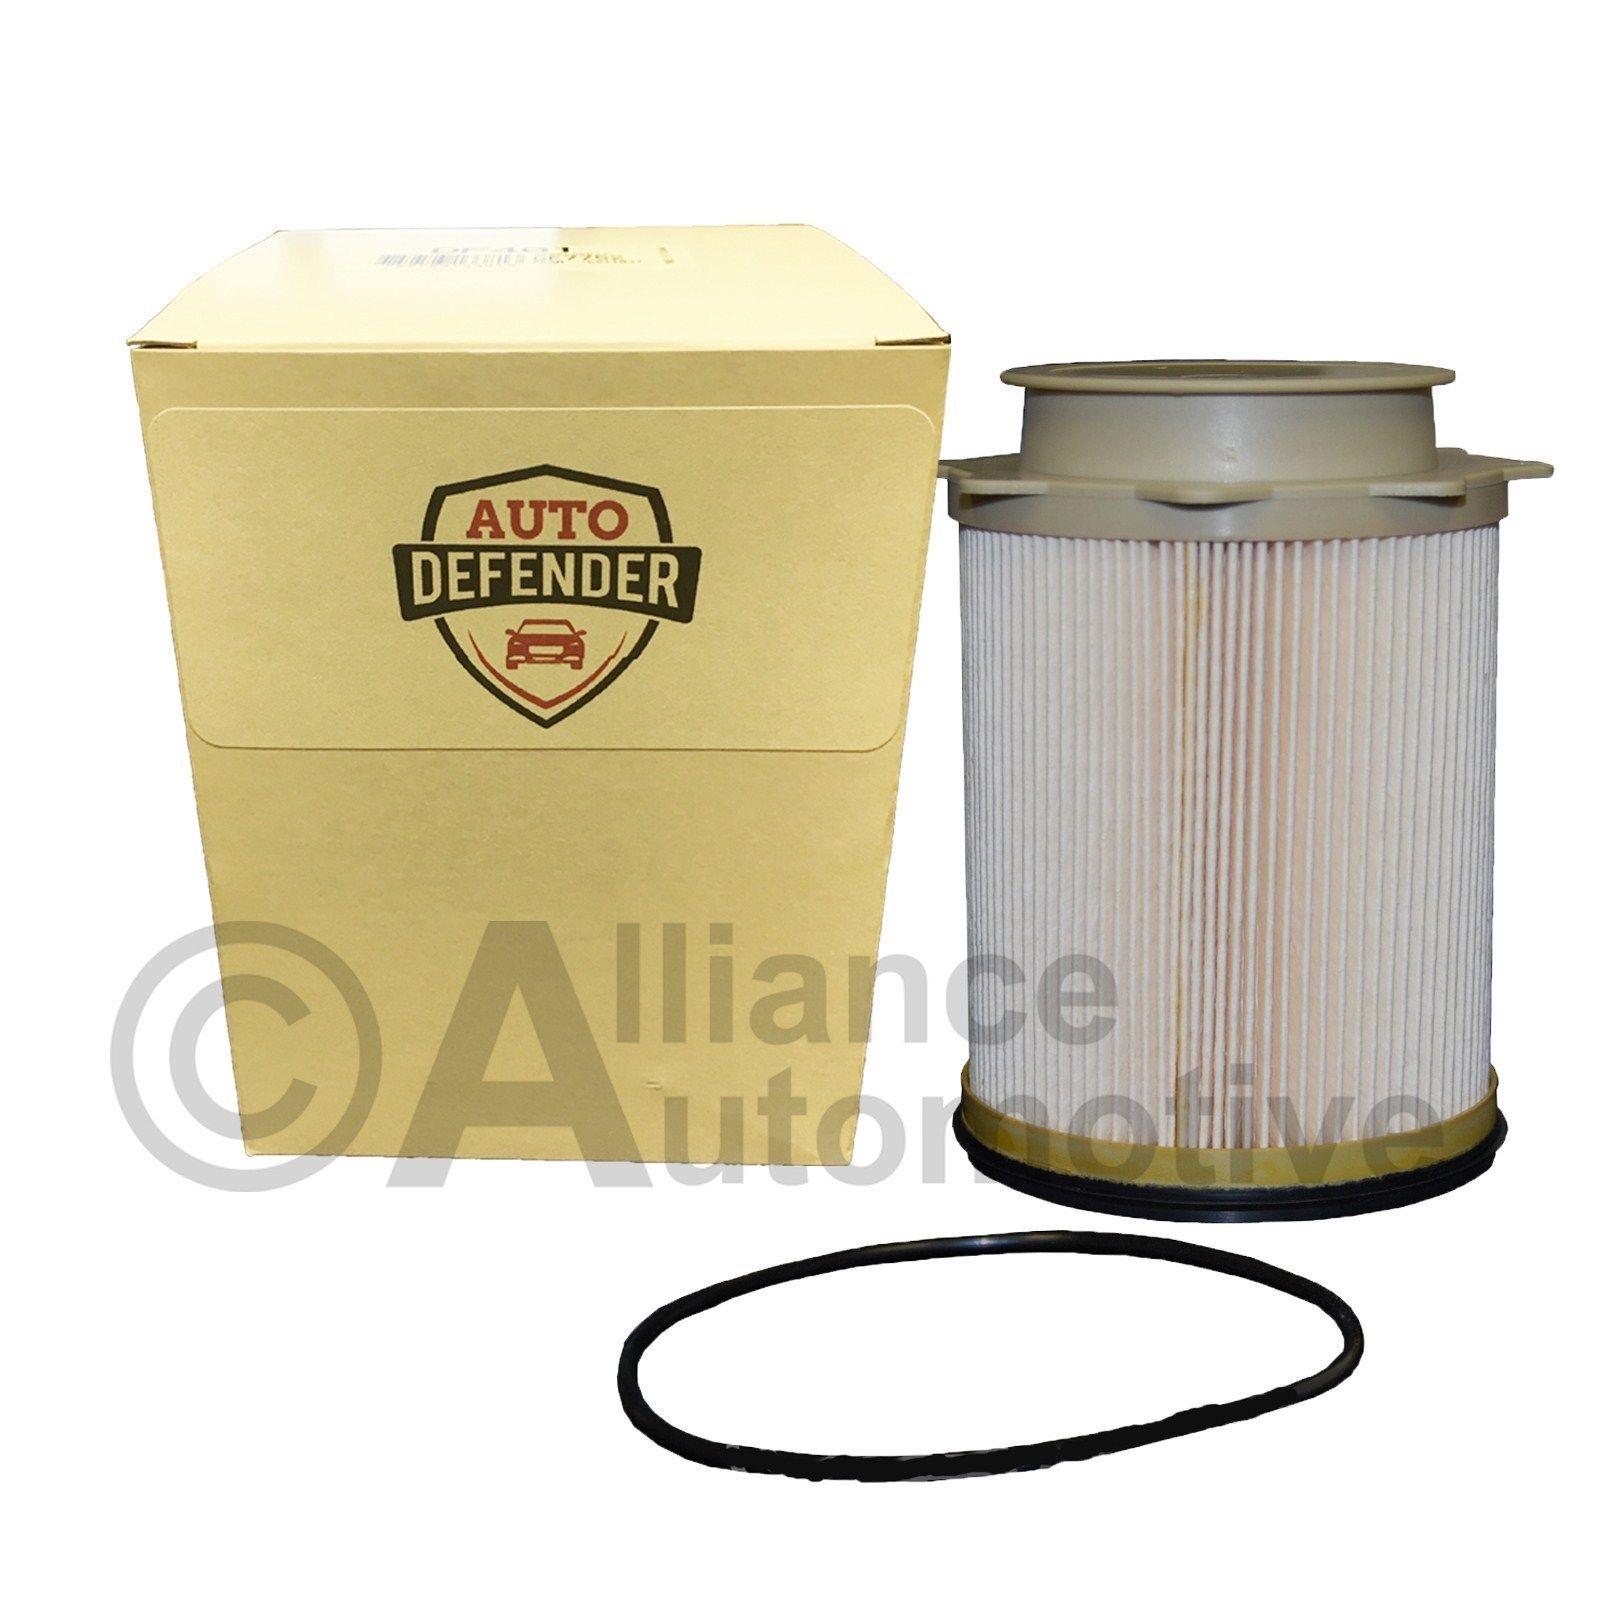 small resolution of 1 diesel fuel filter fits 10 16 dodge ram cummins 6 7l turbo front cummins turbo front dodge fits fuel filter diesel